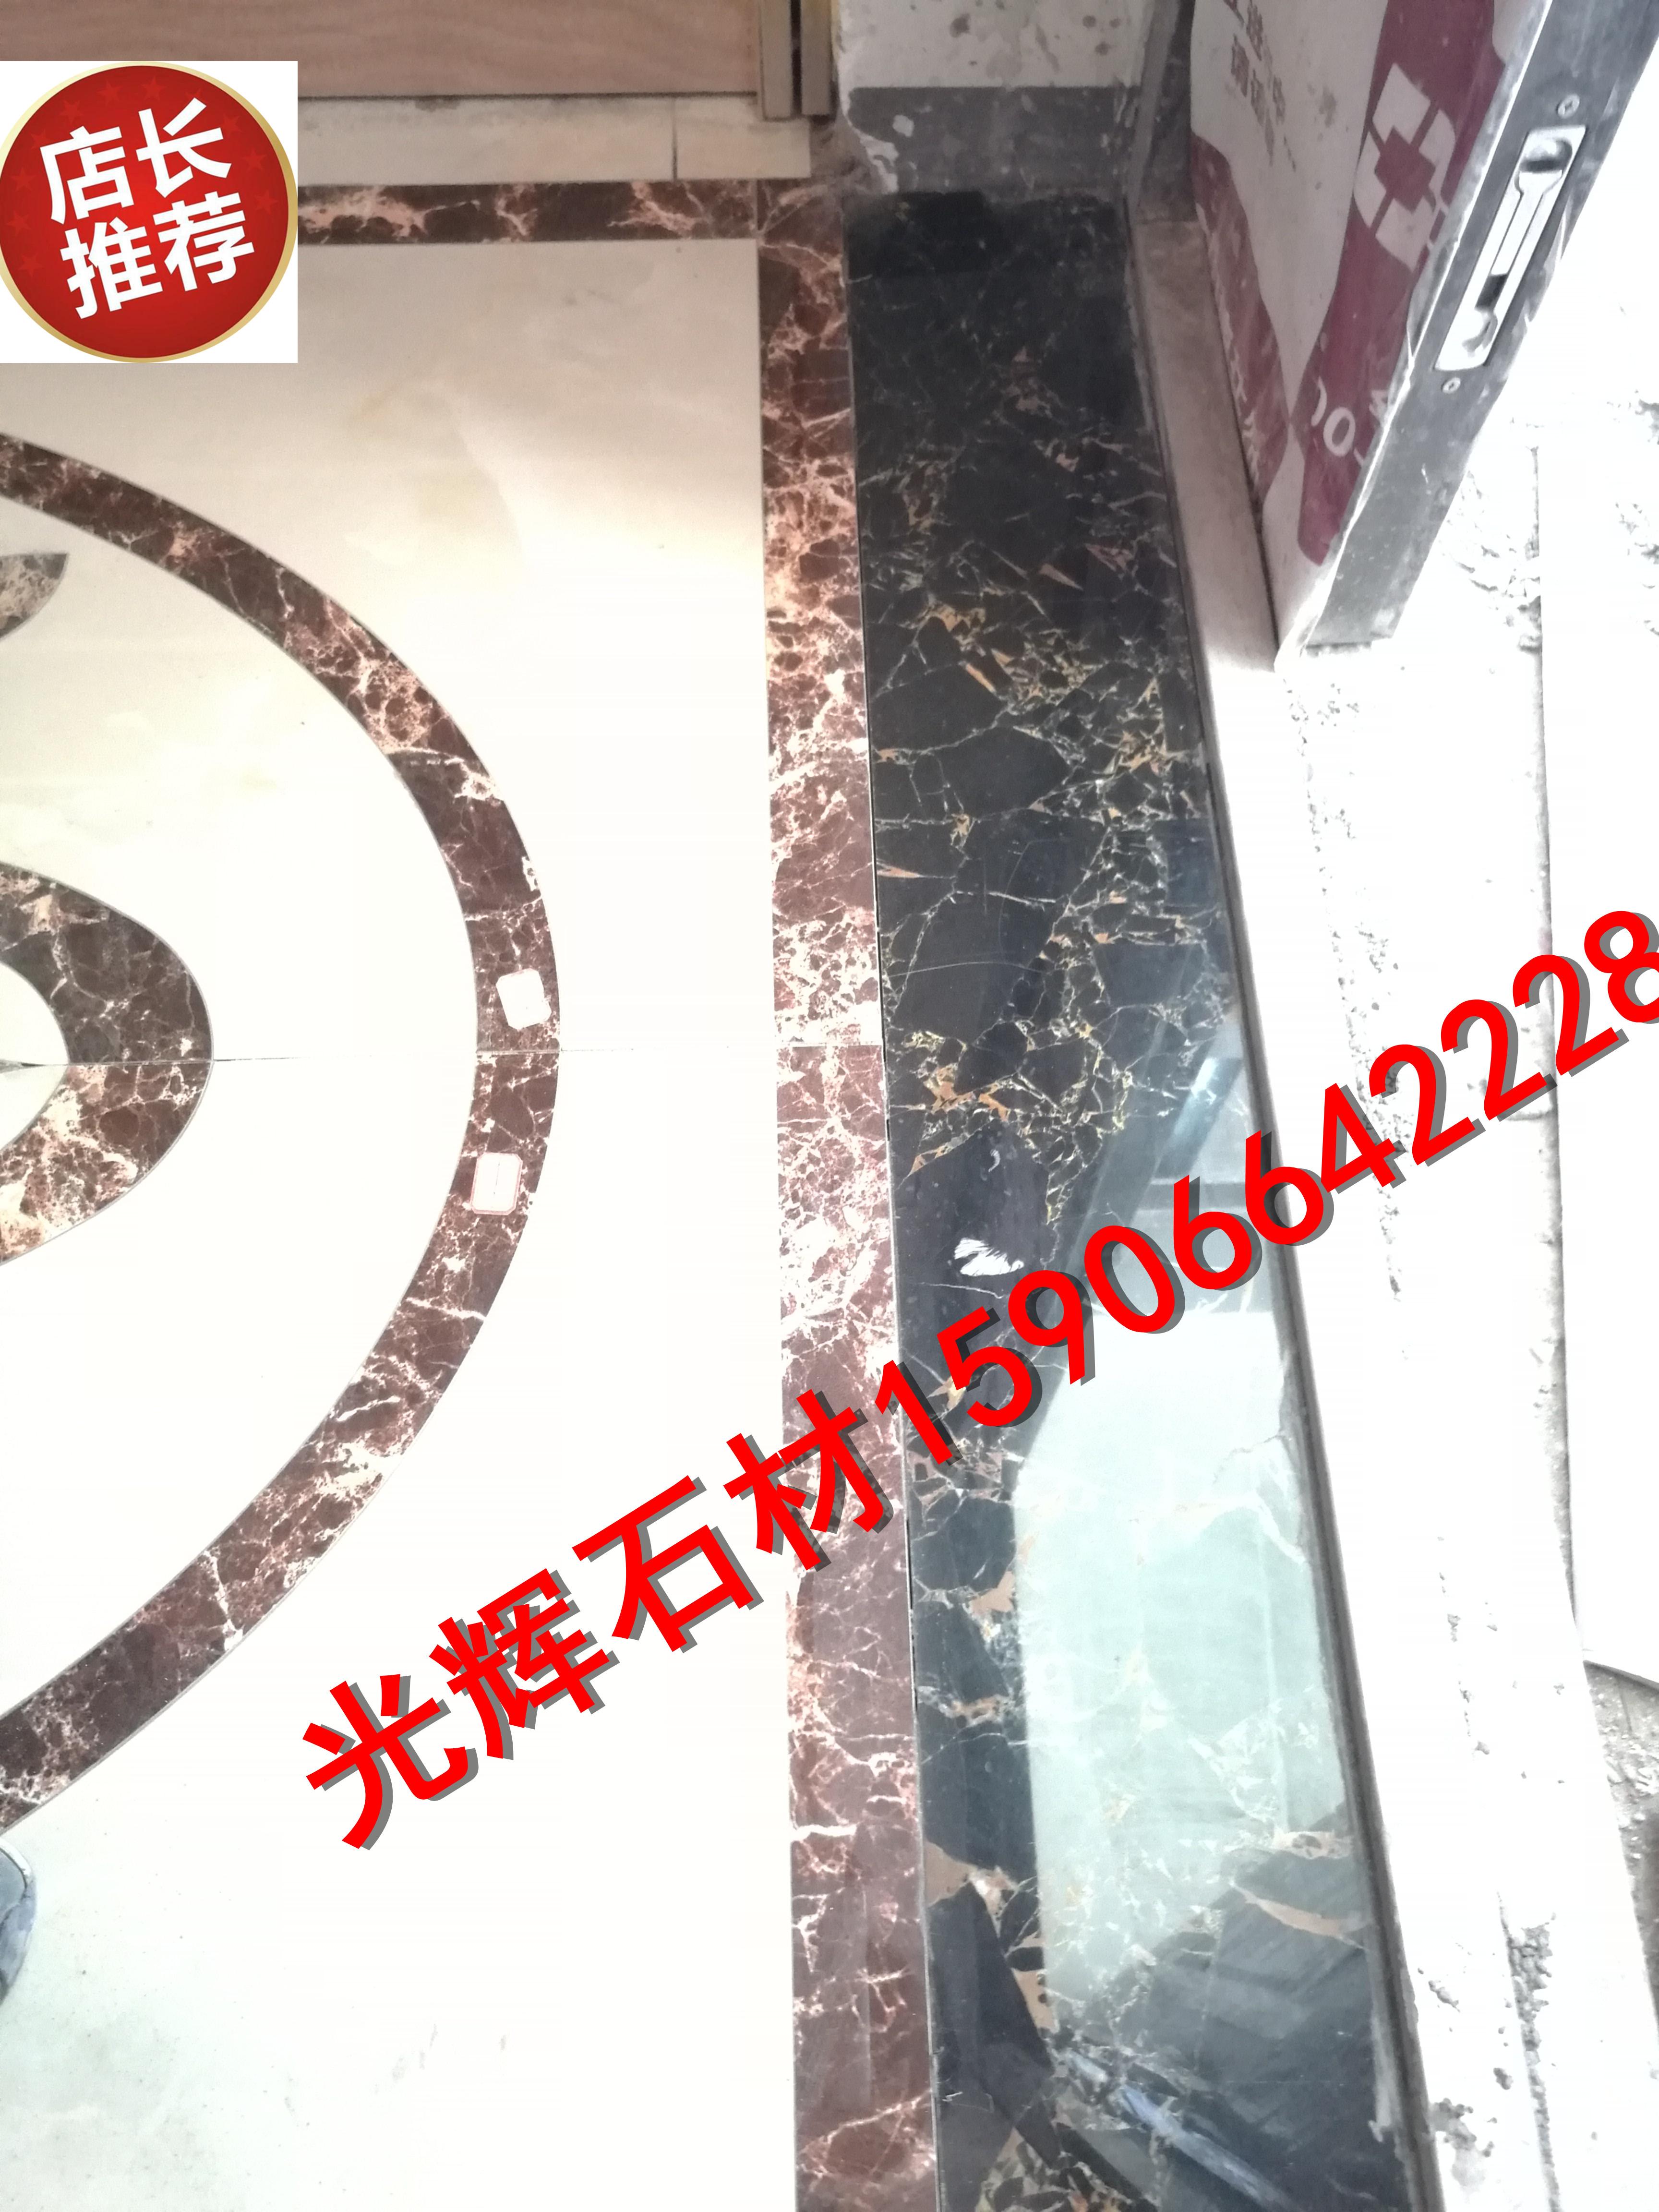 Ханчжоу сияние камень импорт натуральный мрамор афины черное золото красивая дверь порог камень живая ворота камень окно тайвань камень лестница доска